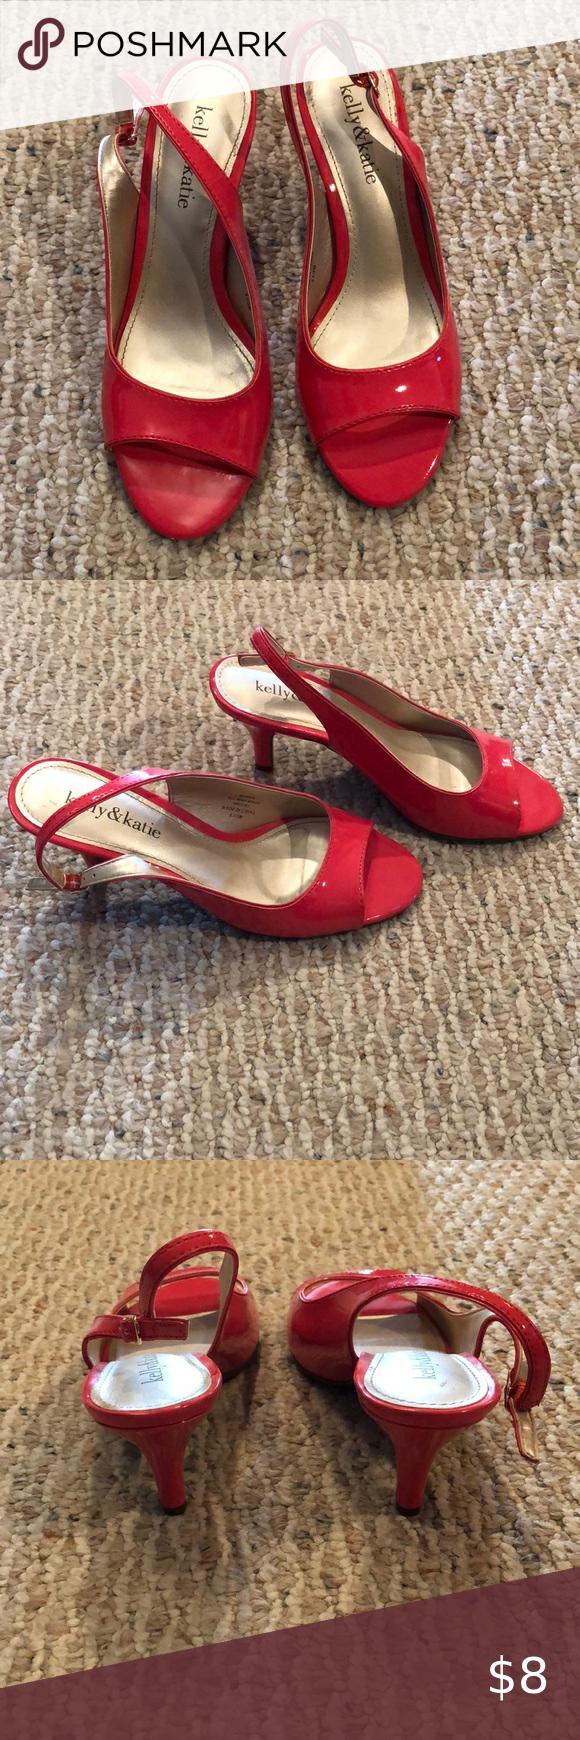 Kelly Katie Kitten Heels In 2020 Kelly Katie Shoes Women Heels Kitten Heels